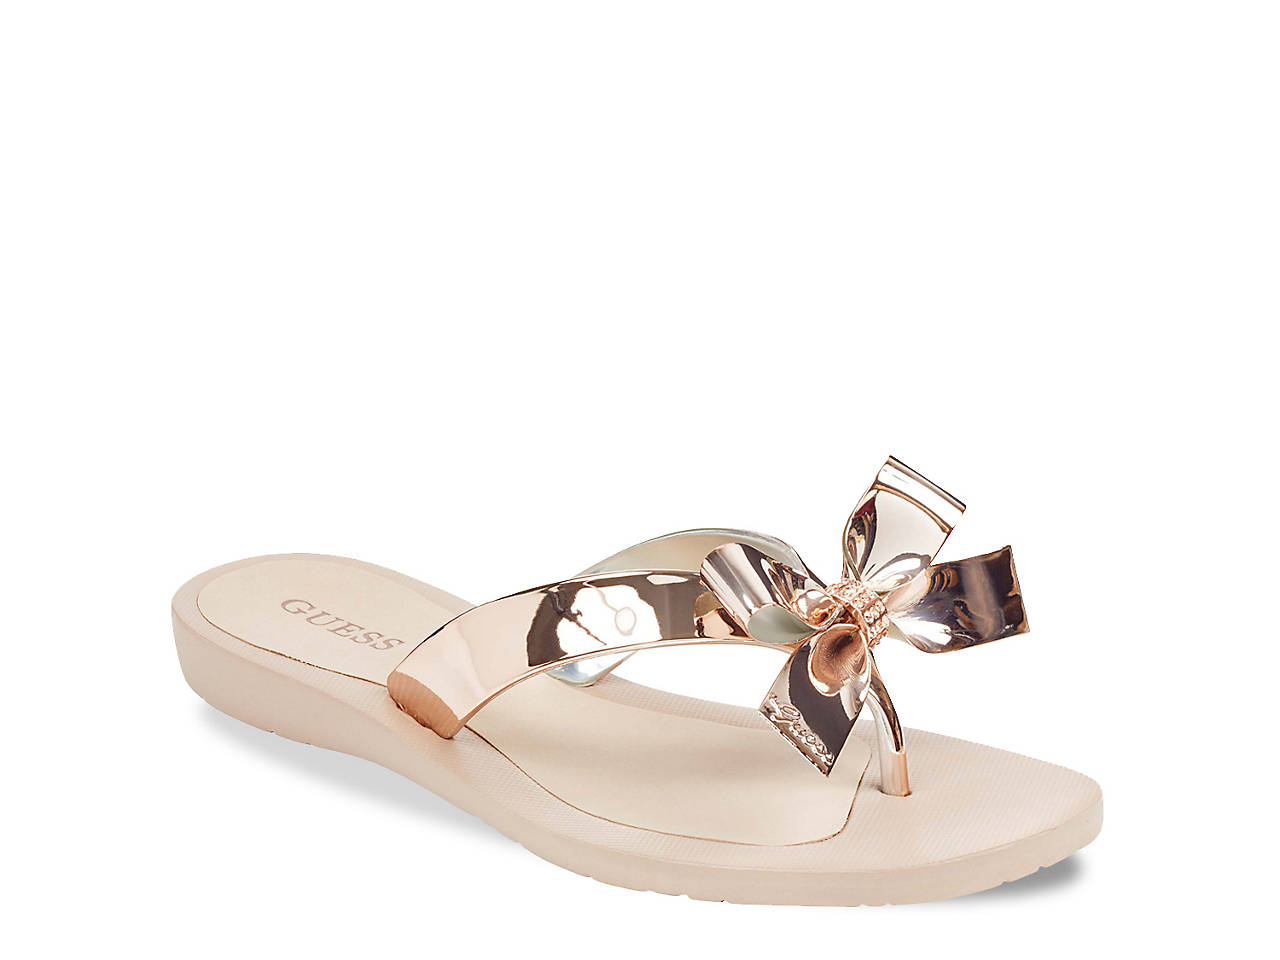 eadeef9f941b48 Guess Tutu 9 Flip Flop Women s Shoes